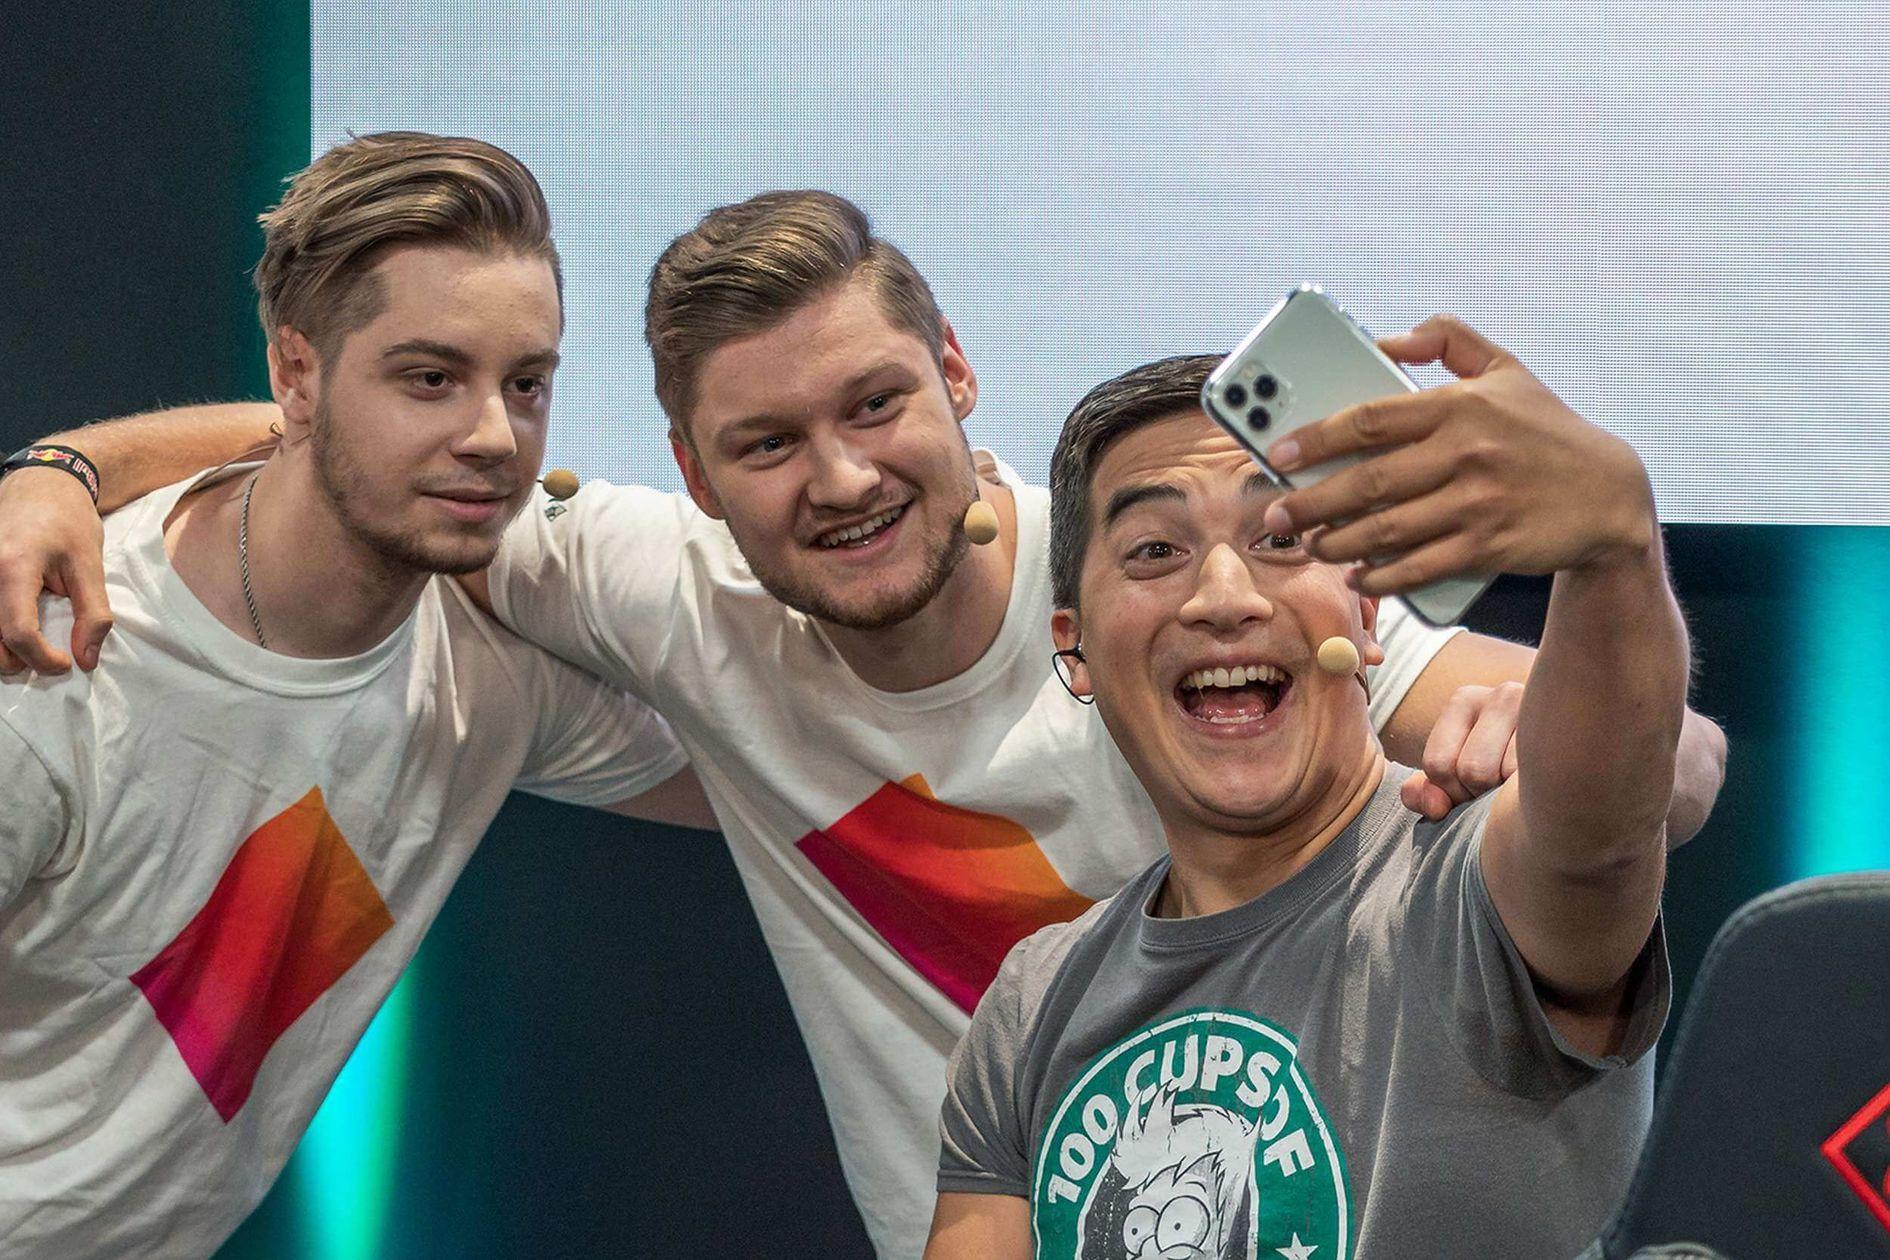 Schnell ein Selfi mit Meru - oder möchte Meru das Selfi?